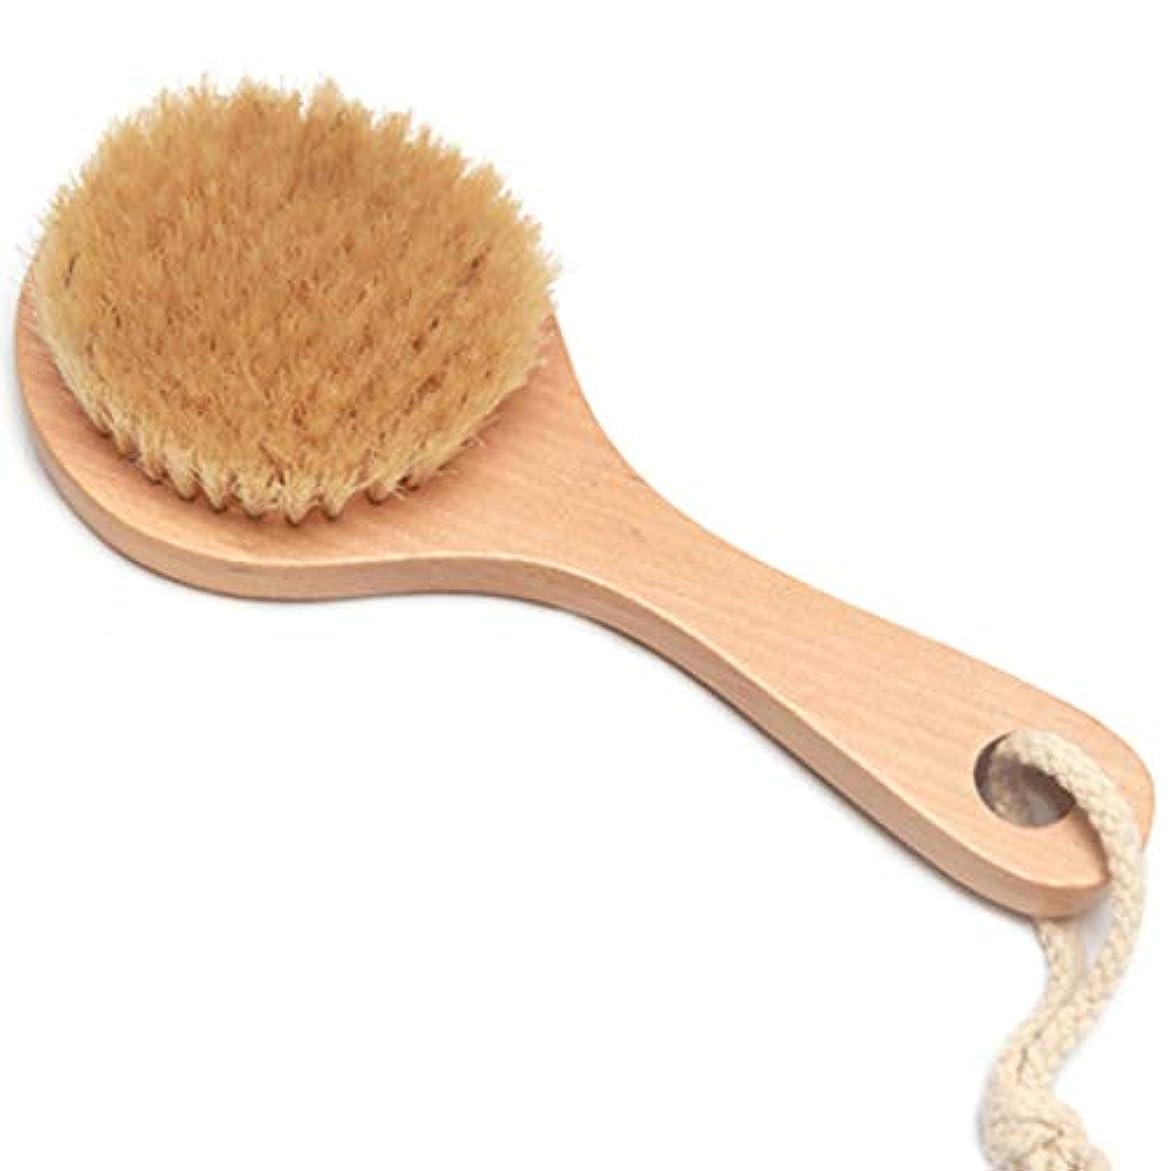 可能性火山学者ホバーバスブラシバックブラシロングハンドルやわらかい毛髪バスブラシバスブラシ角質除去クリーニングブラシ (Color : Wood color, Size : 20*7.5cm)